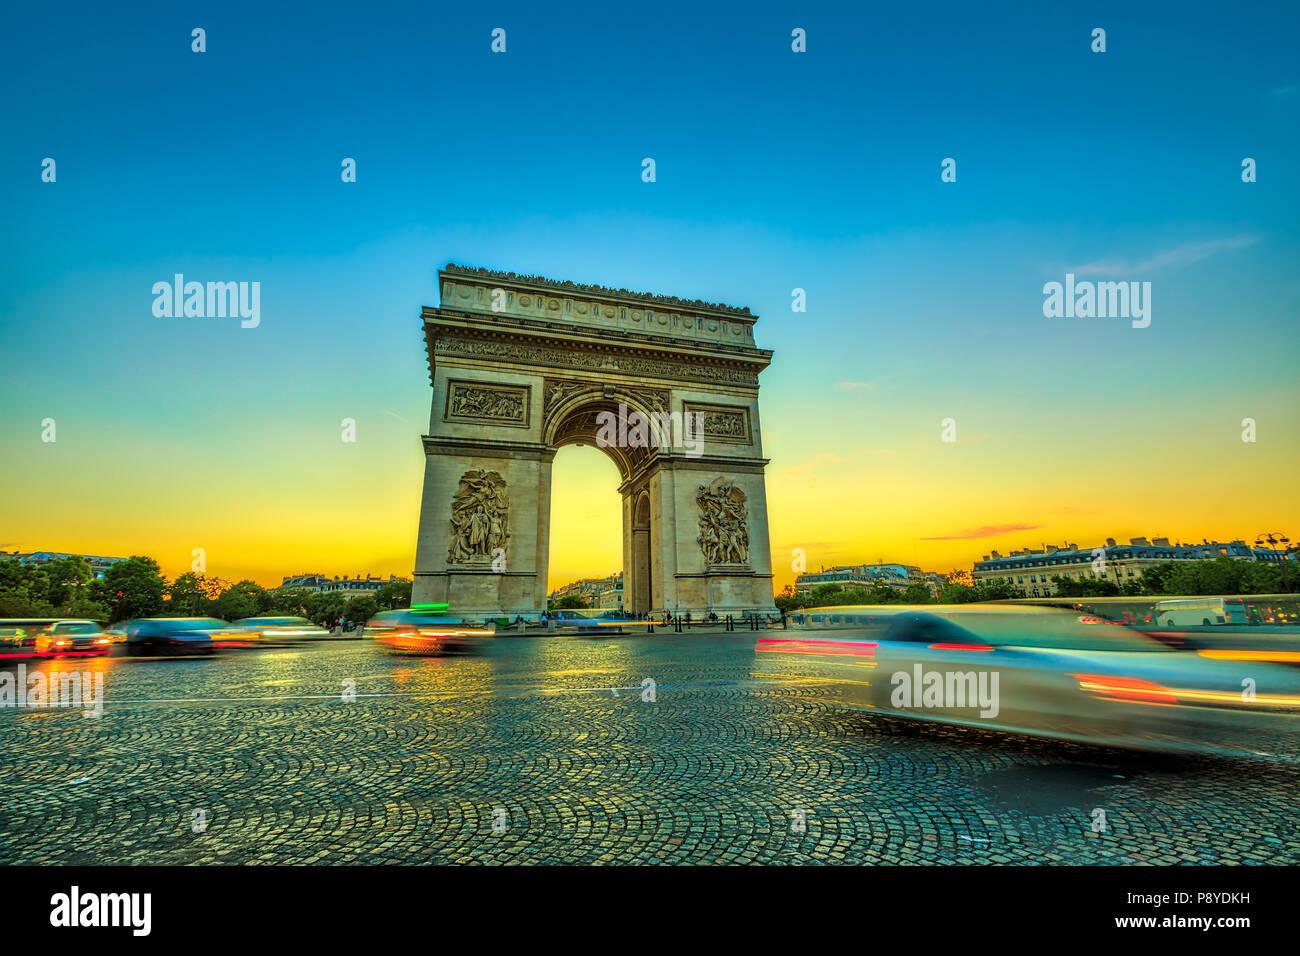 Arch de Triumph. Triumphbogen am westlichen Ende der Champs Elysees in der Mitte des Place Charles de Gaulle in Paris bei Sonnenuntergang mit dem Auto Verkehr. Paris, Hauptstadt von Frankreich in Europa. Stockfoto